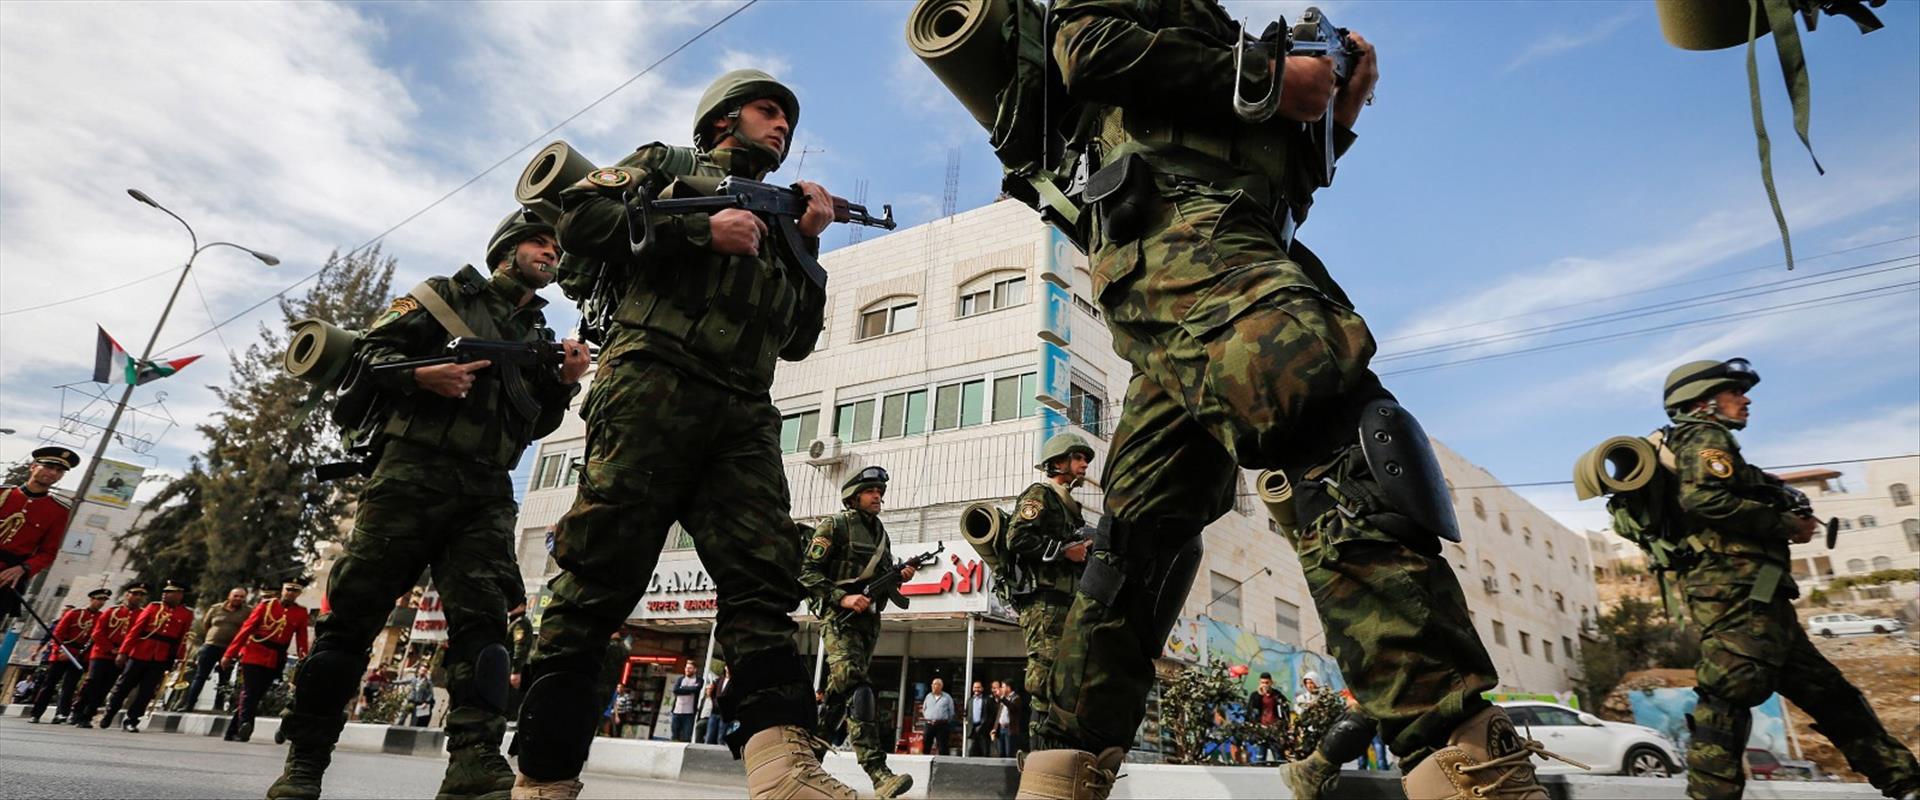 שוטרים פלסטינים בחברון, ב-2017